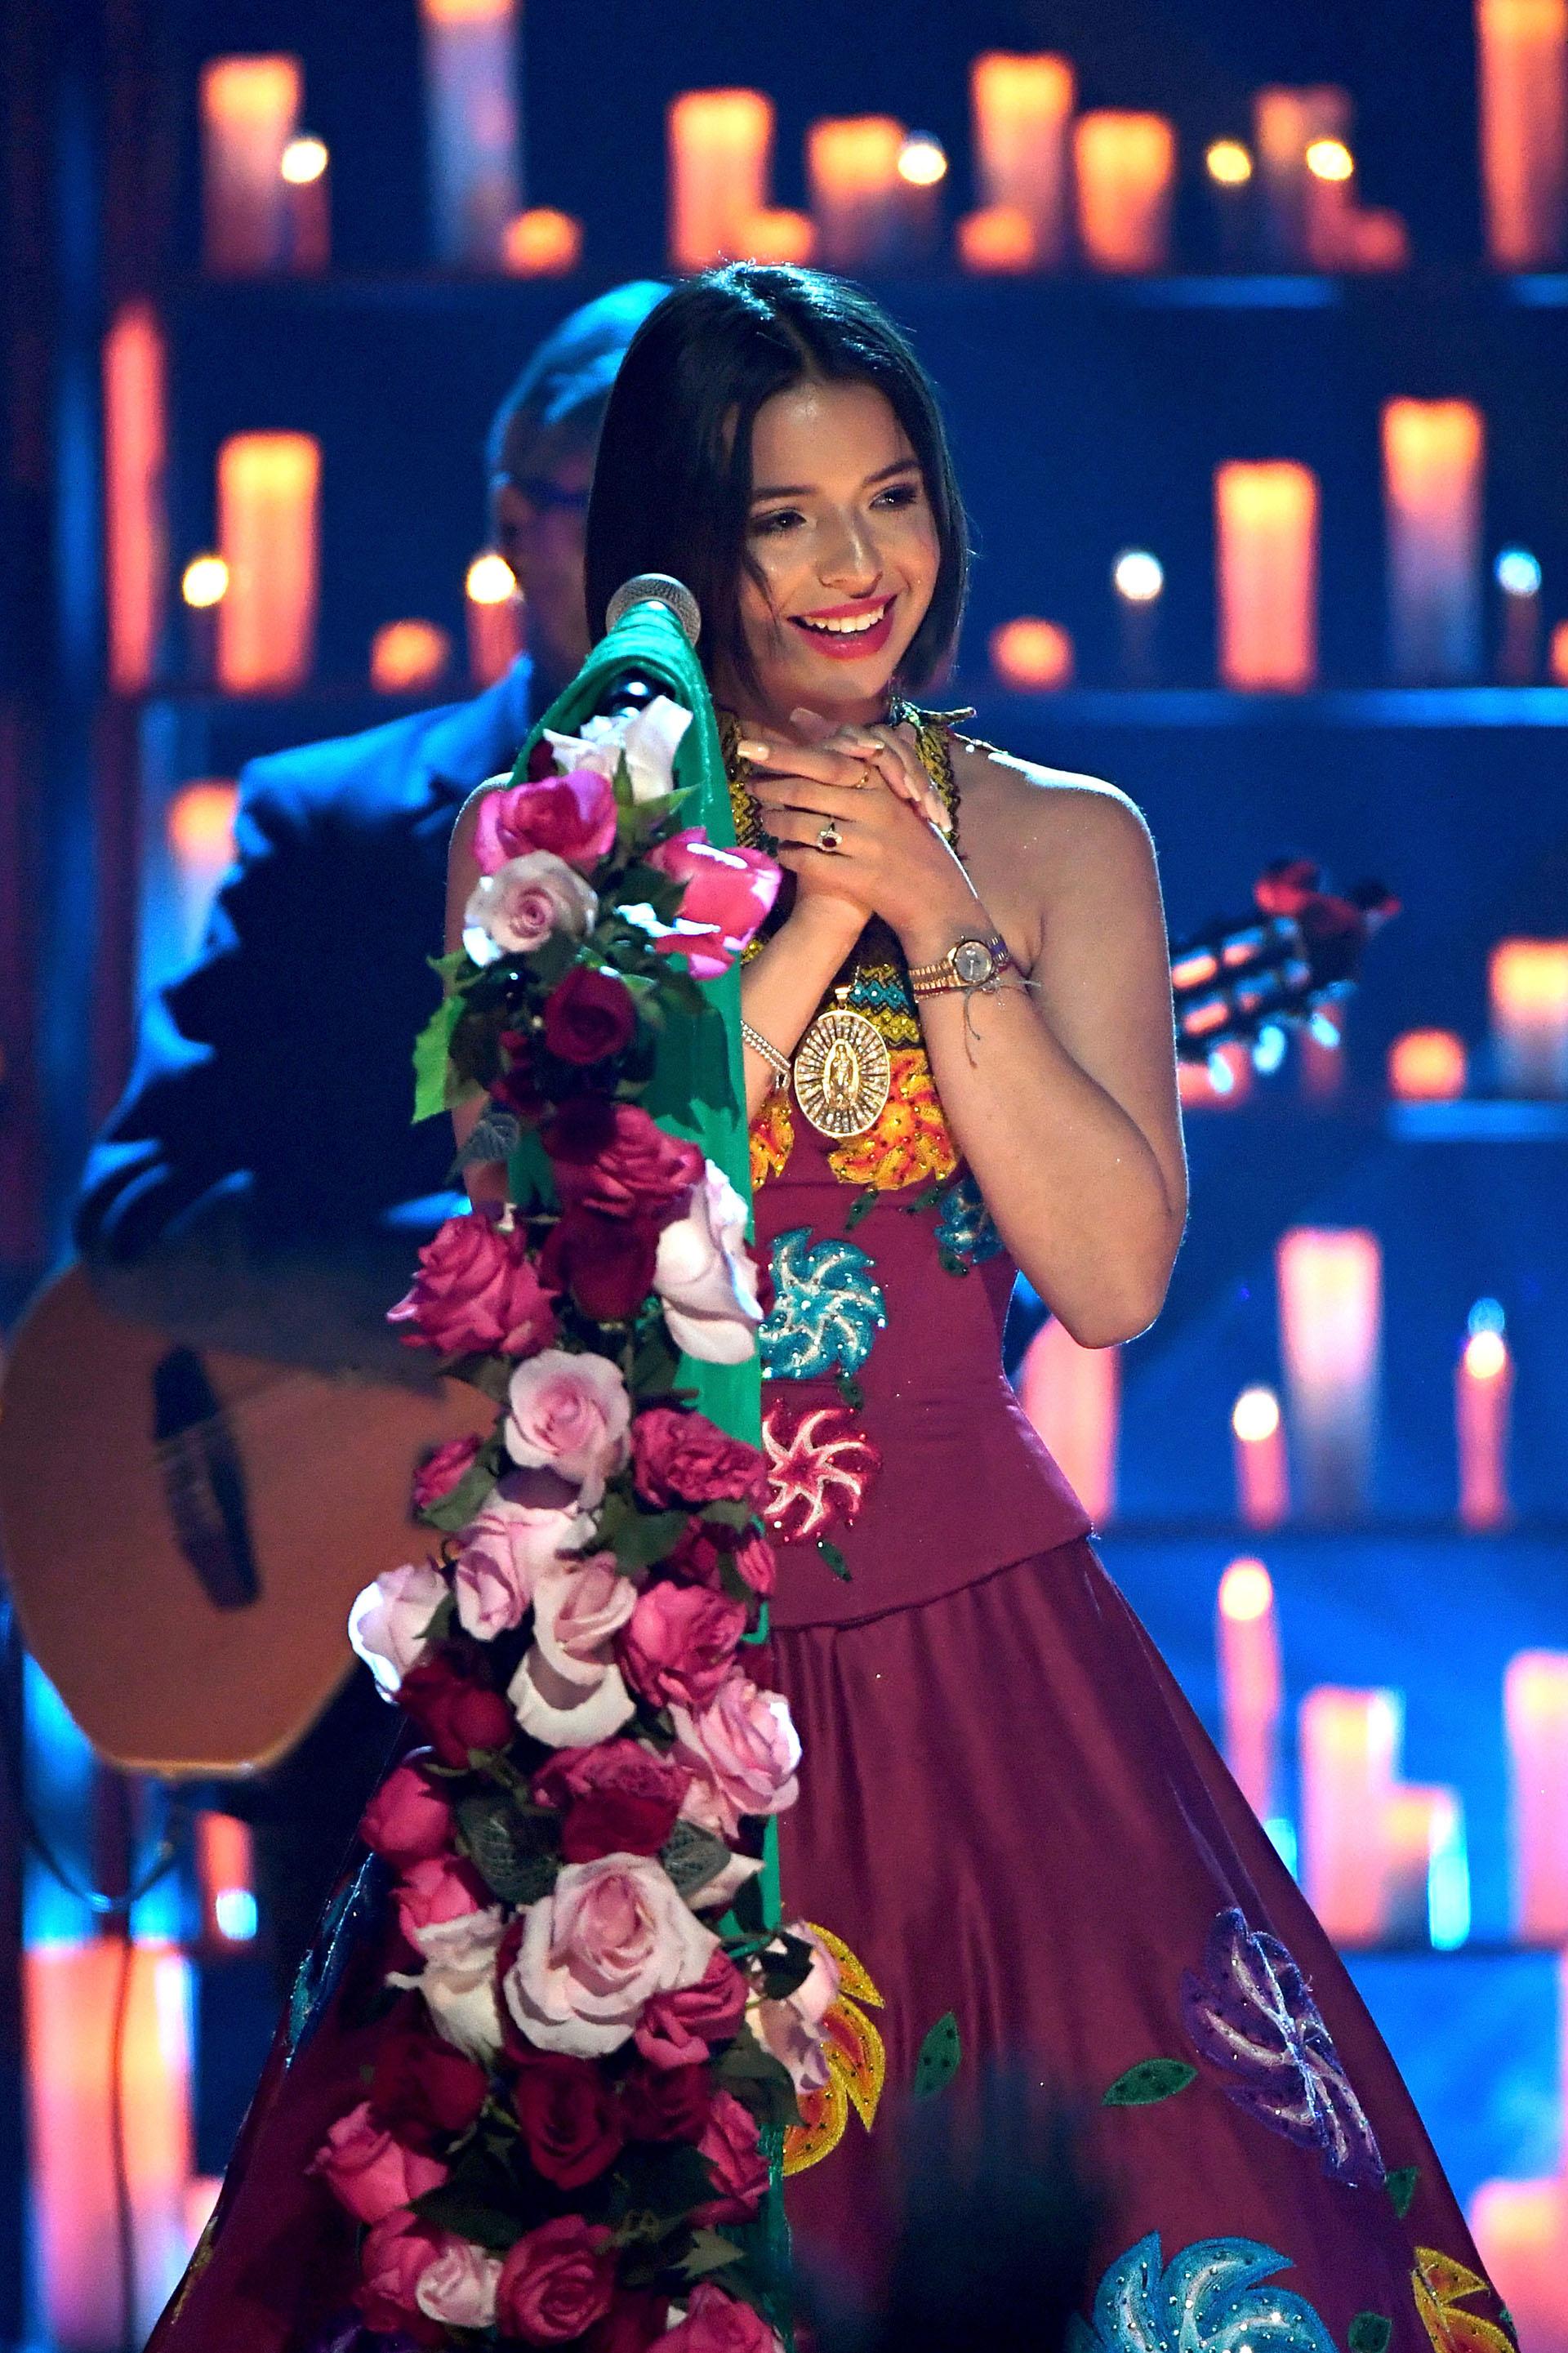 Angela Aguilar emocionada tras su performance